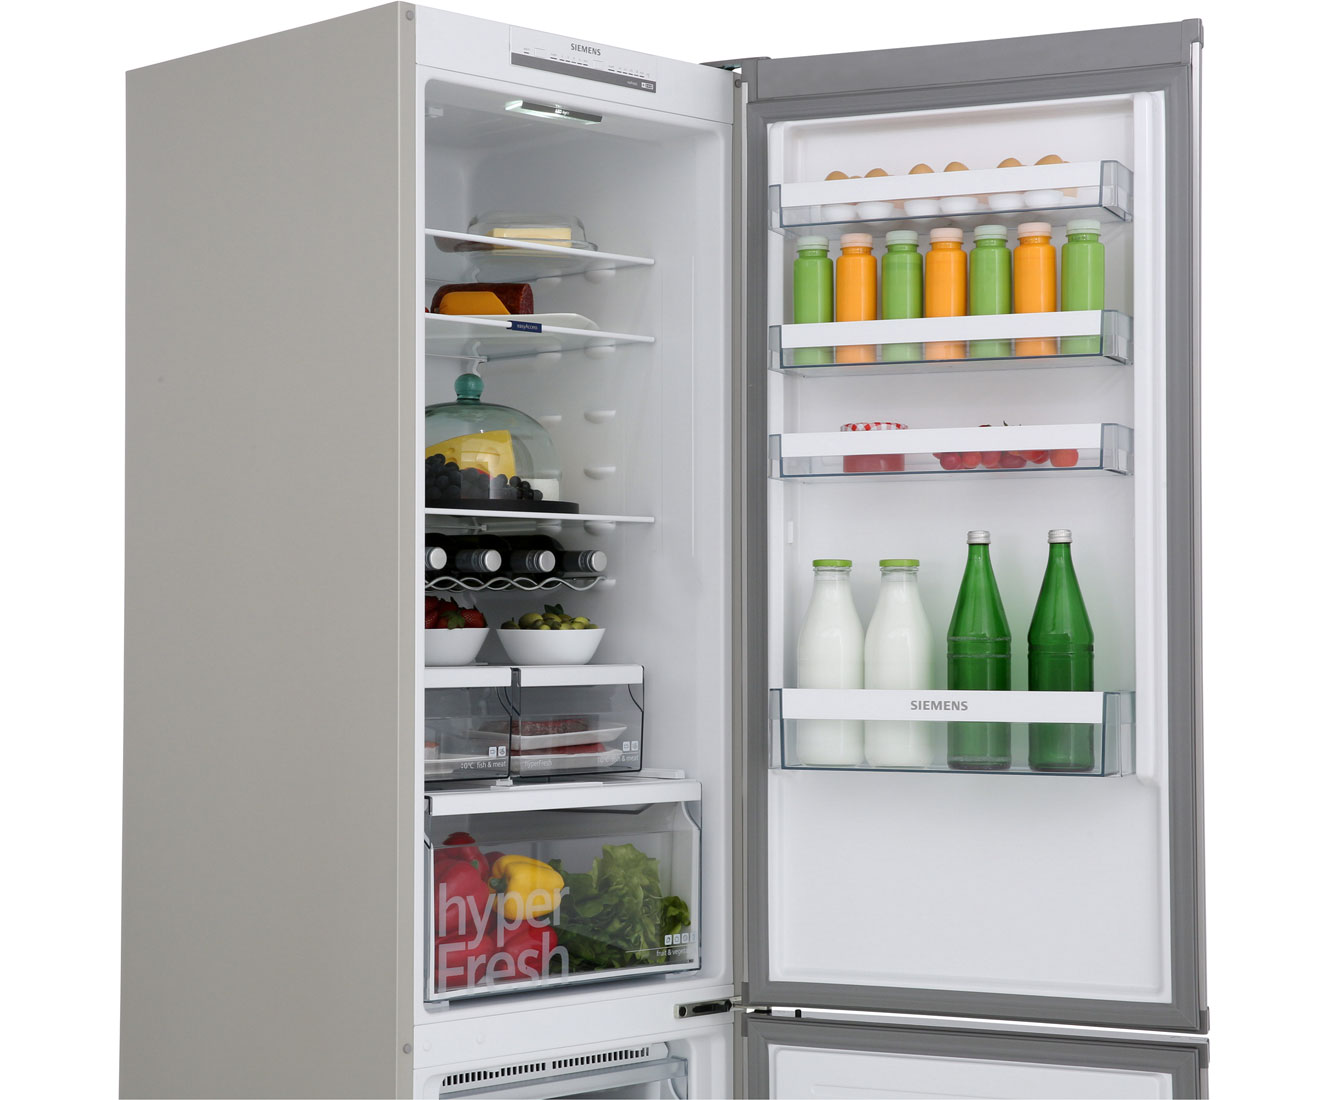 Siemens Kühlschrank Nach Transport Stehen Lassen : Siemens iq kg nvl kühl gefrierkombination mit no frost